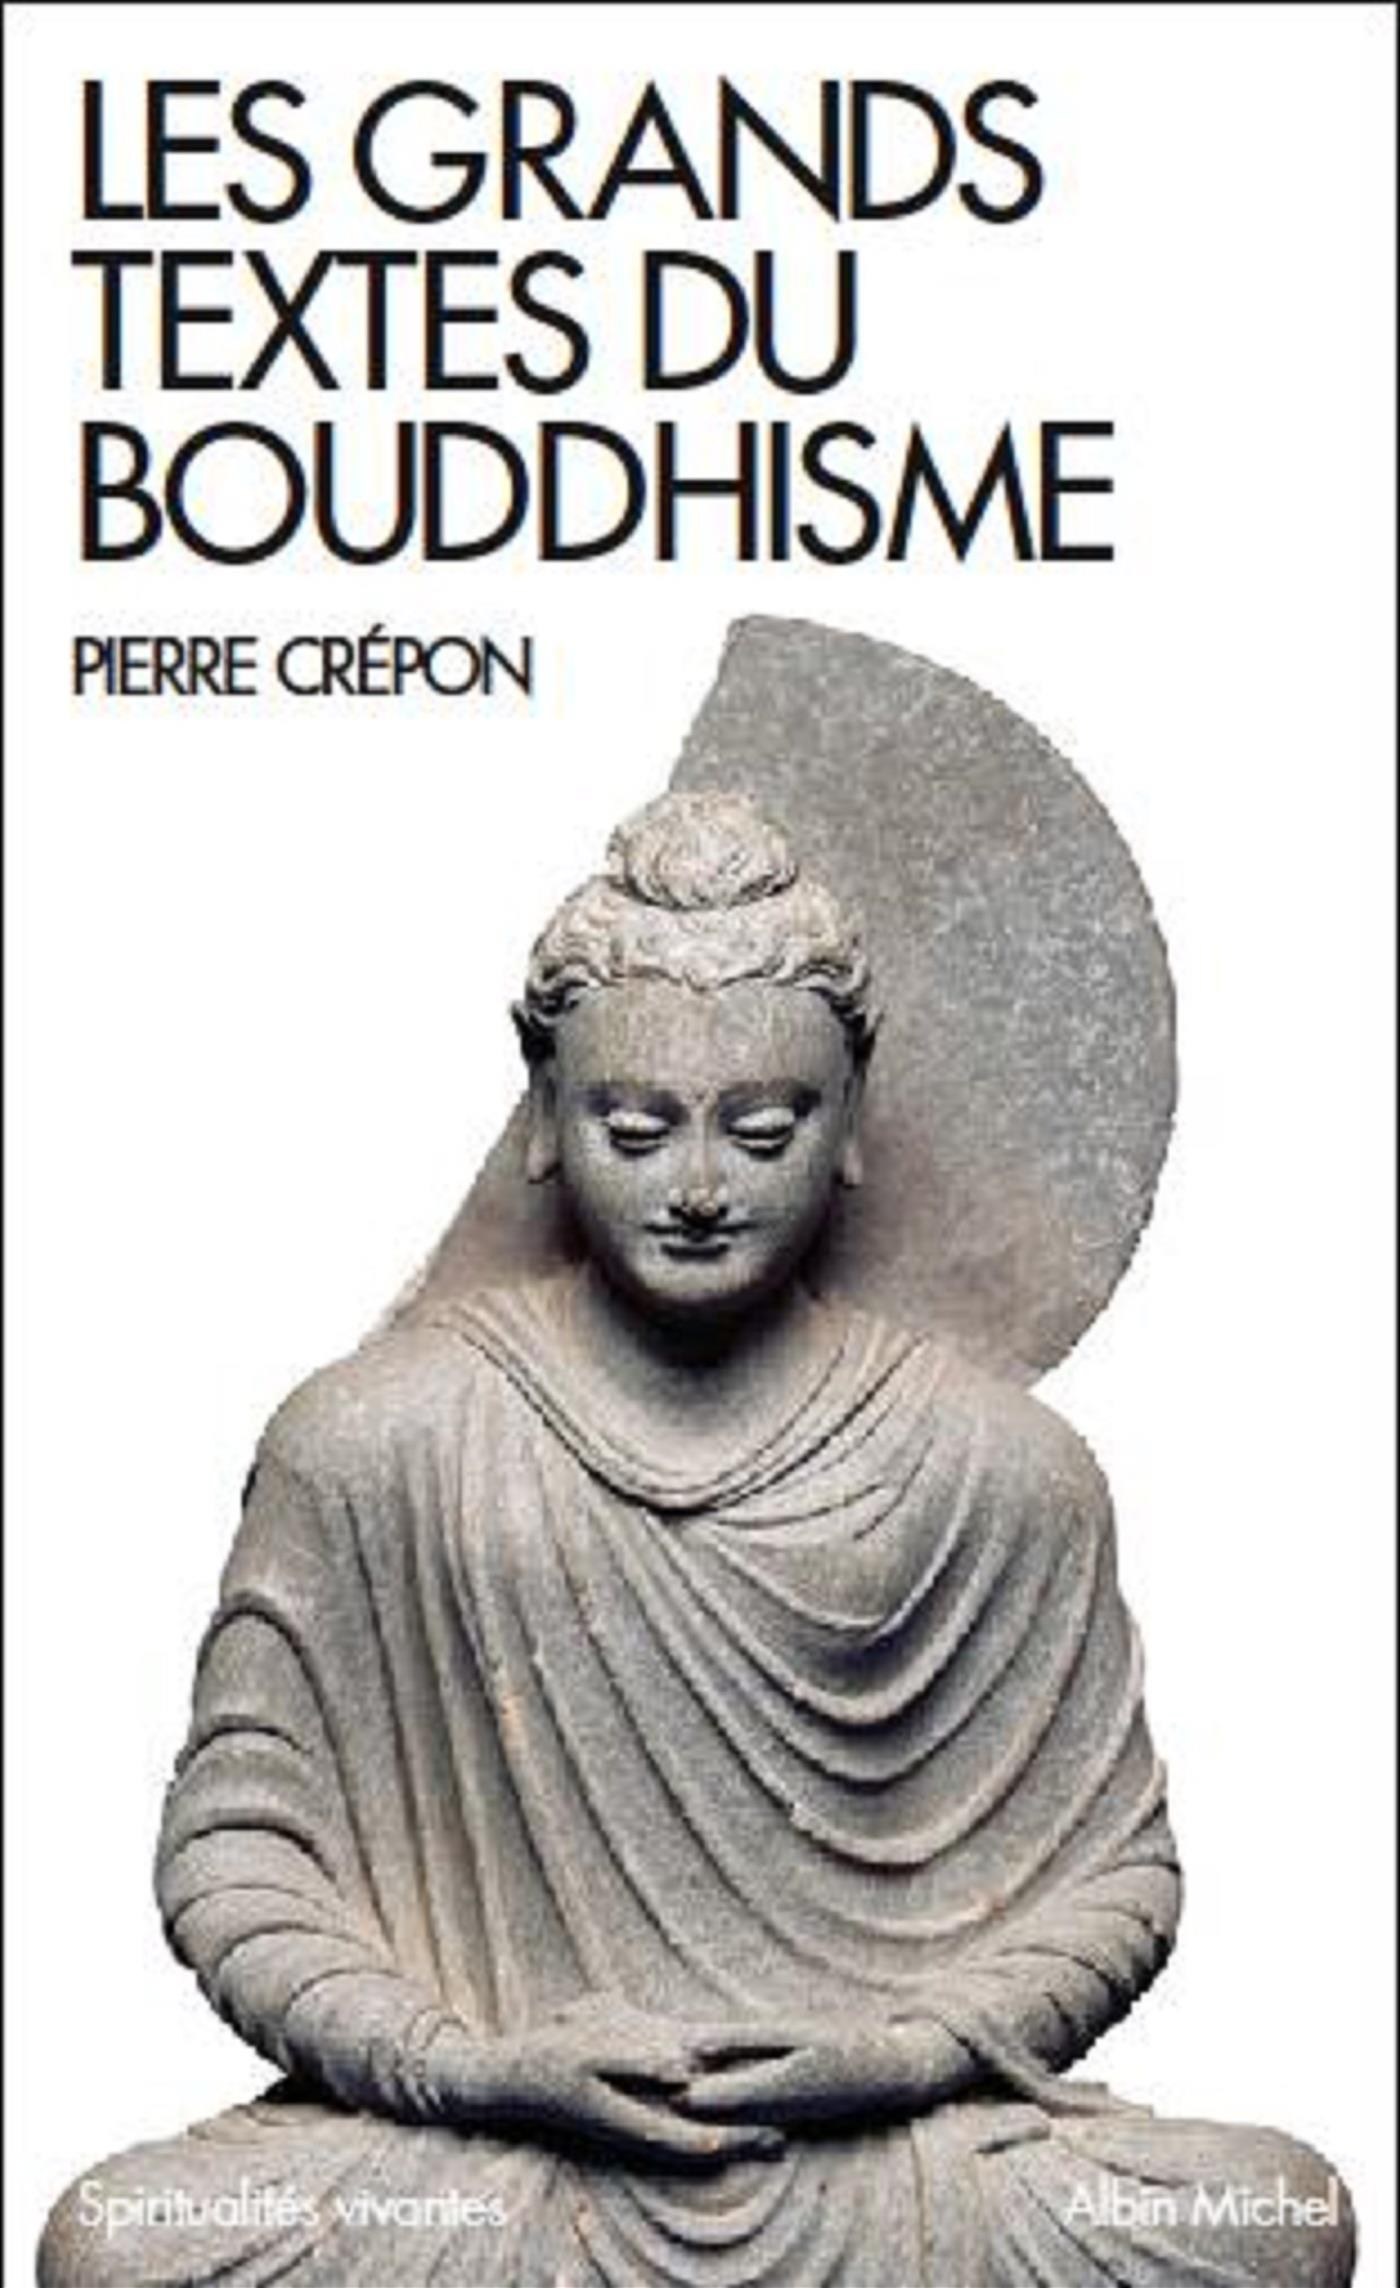 Les Grands Textes du bouddhisme